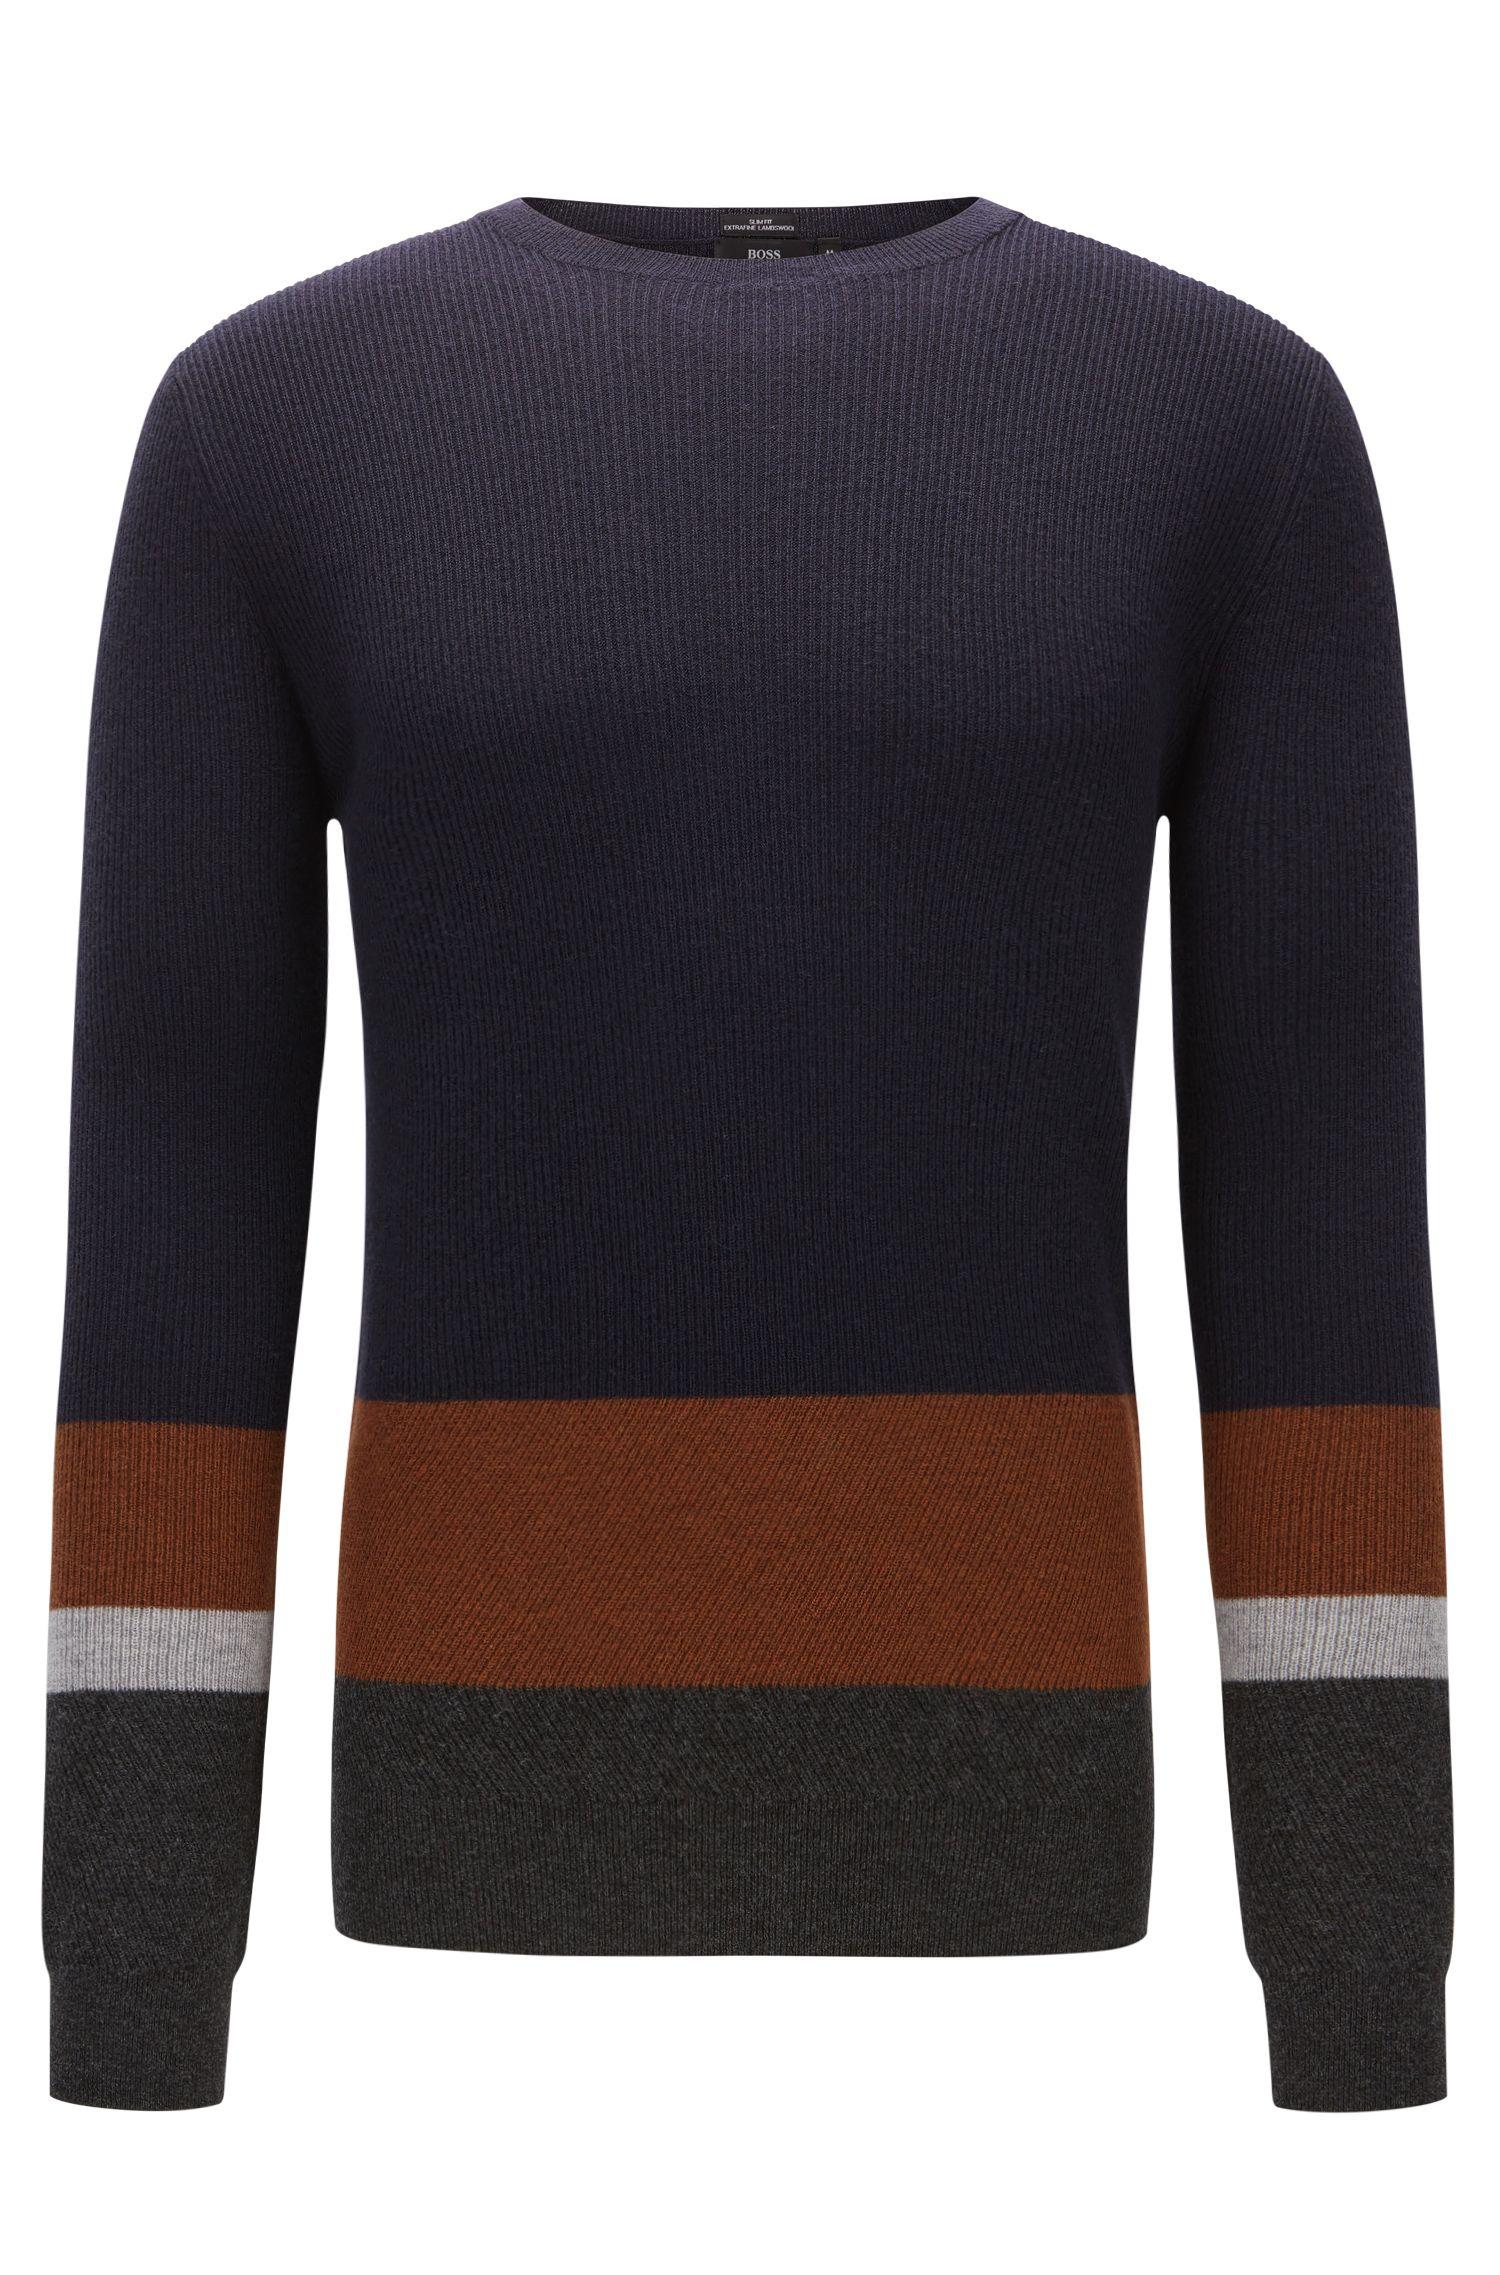 Geribde trui van scheerwol met colourblocking